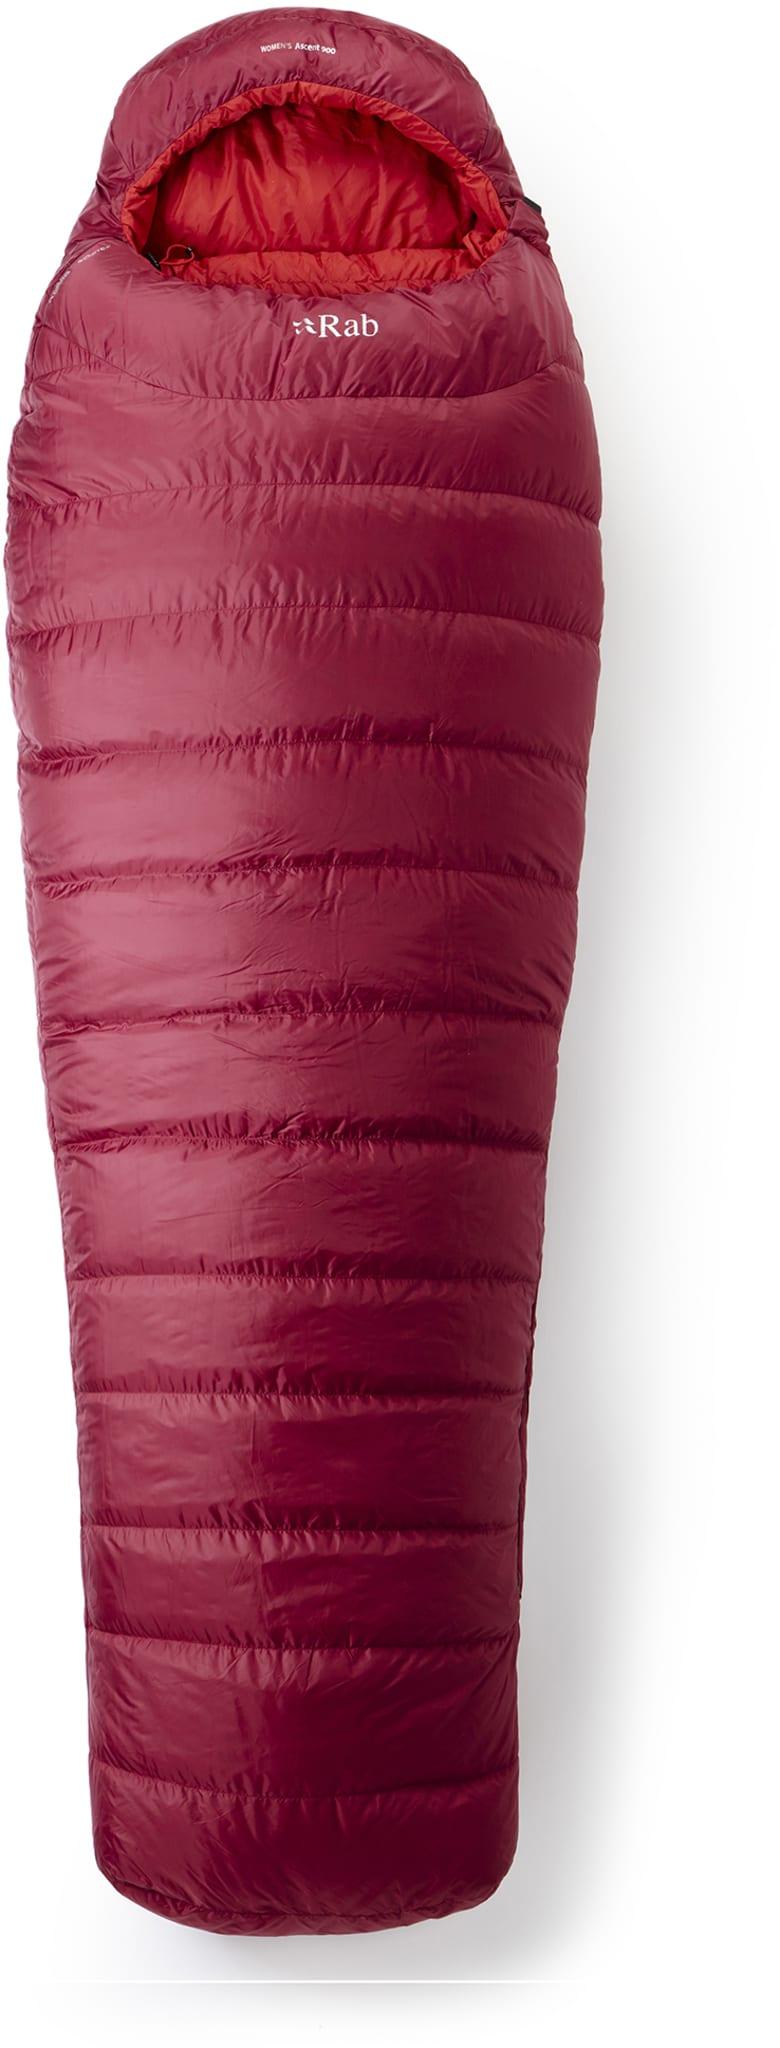 Komfortabel sovepose til vinterbruk for dame